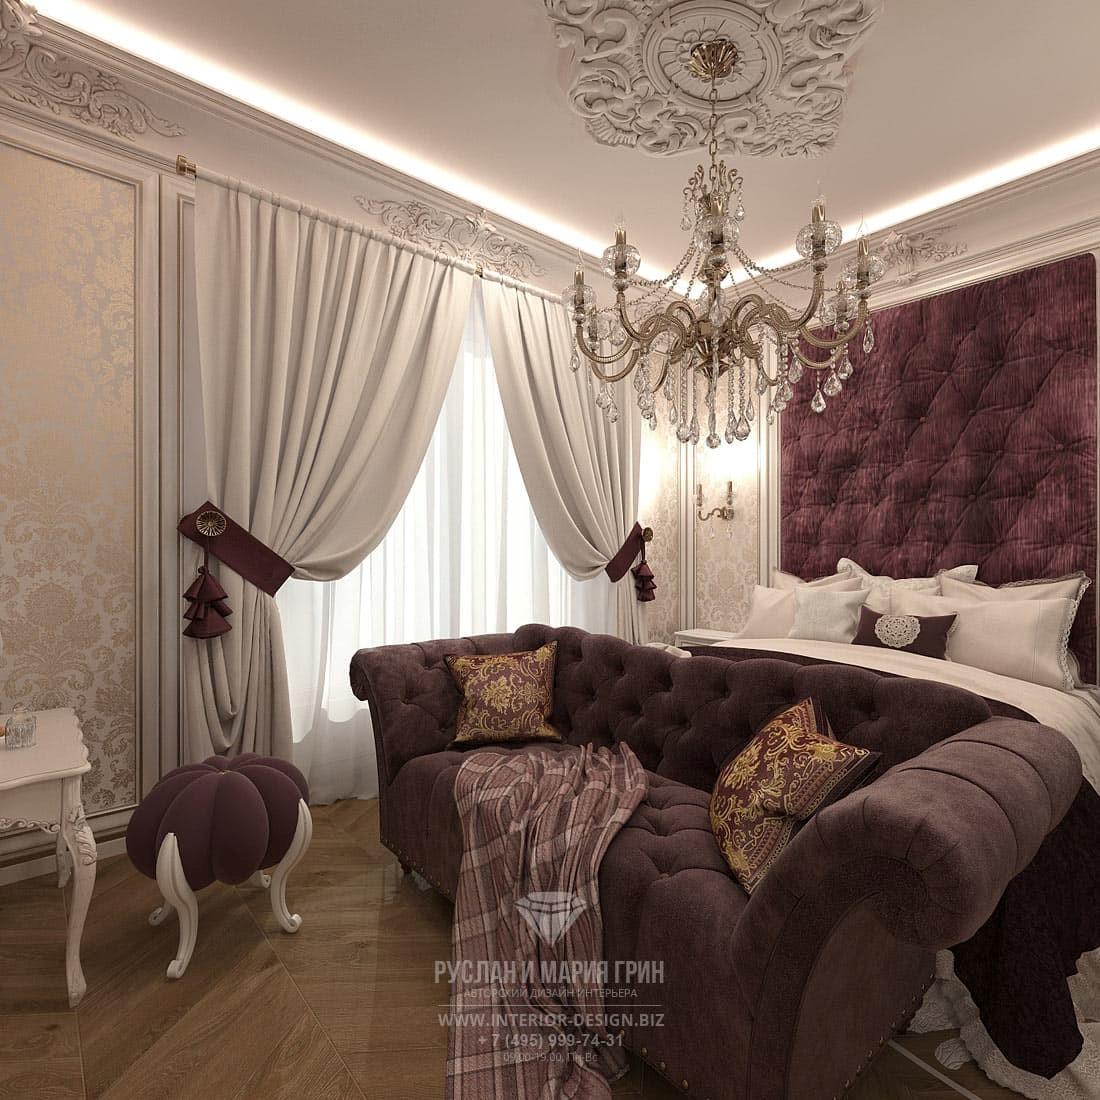 Дизайн бордовой спальни в классическом стиле с хрустальной люстрой